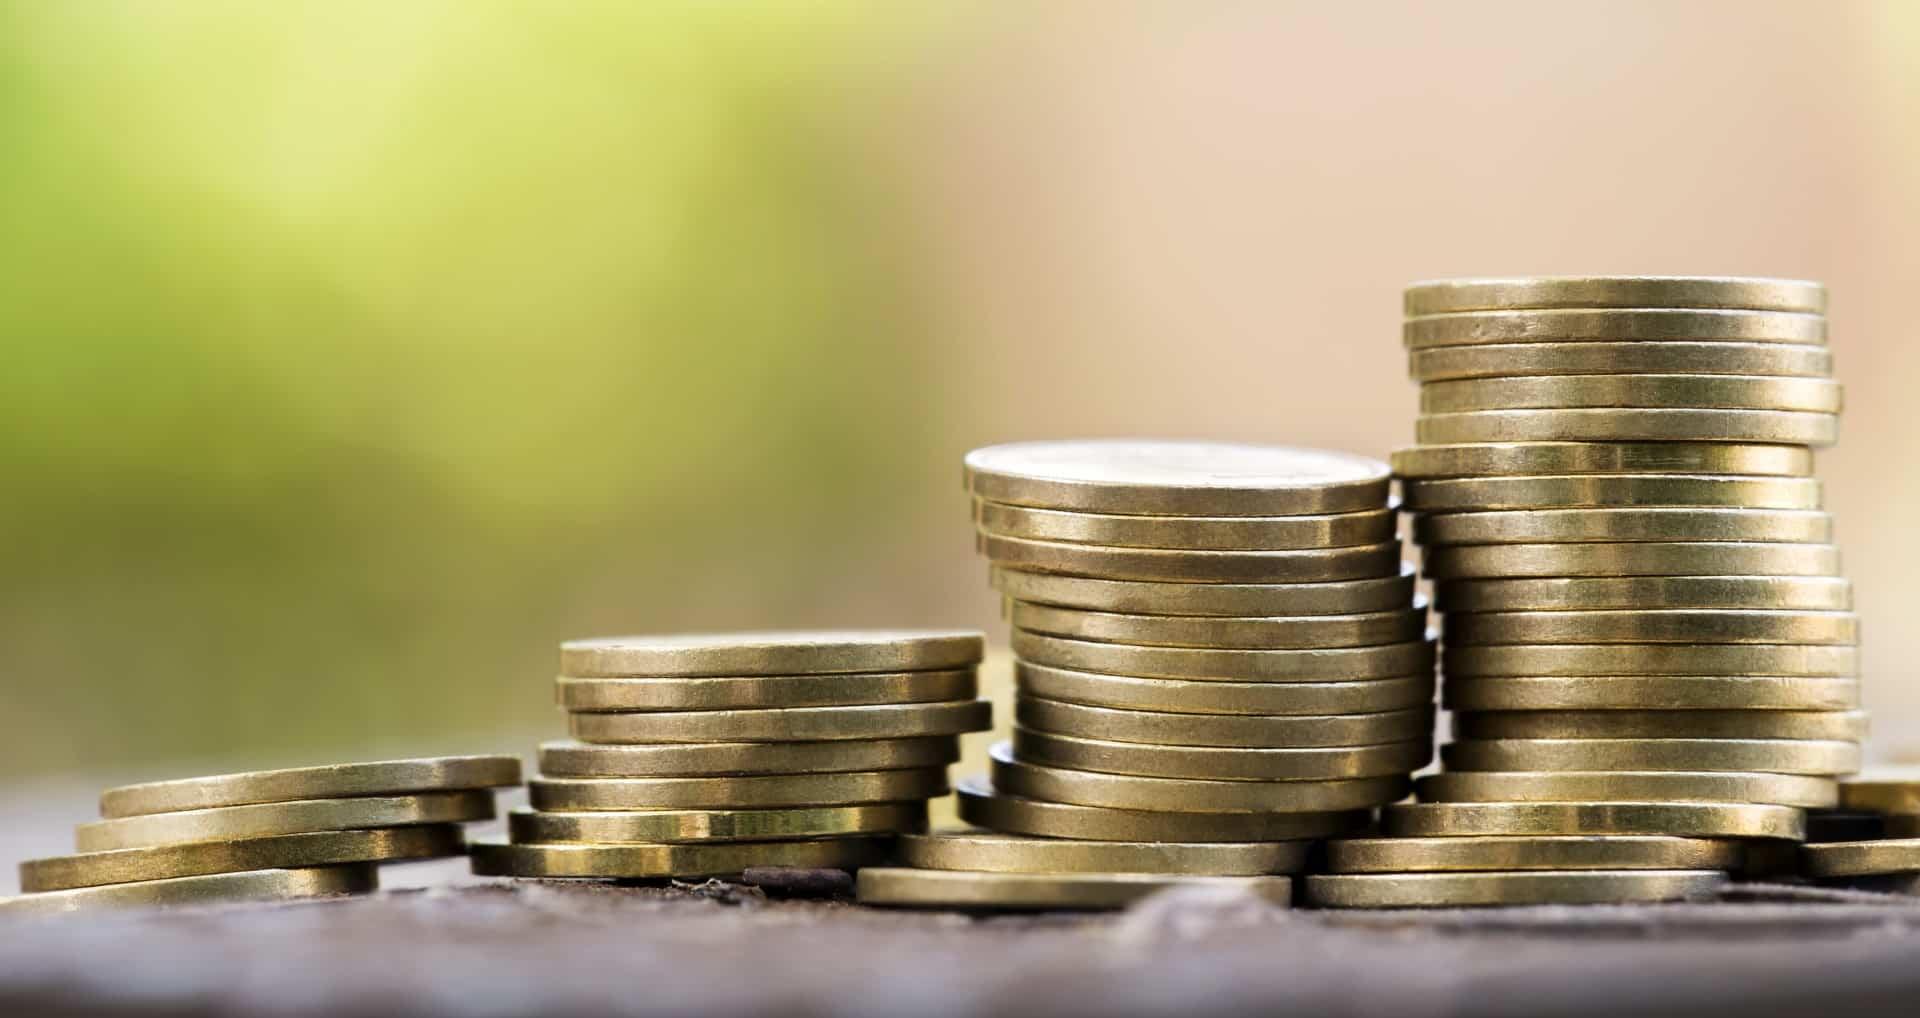 risparmiare con il cashback - risparmiare con il cashback - Risparmiare con il cashback si può: recupera denaro ad ogni acquisto